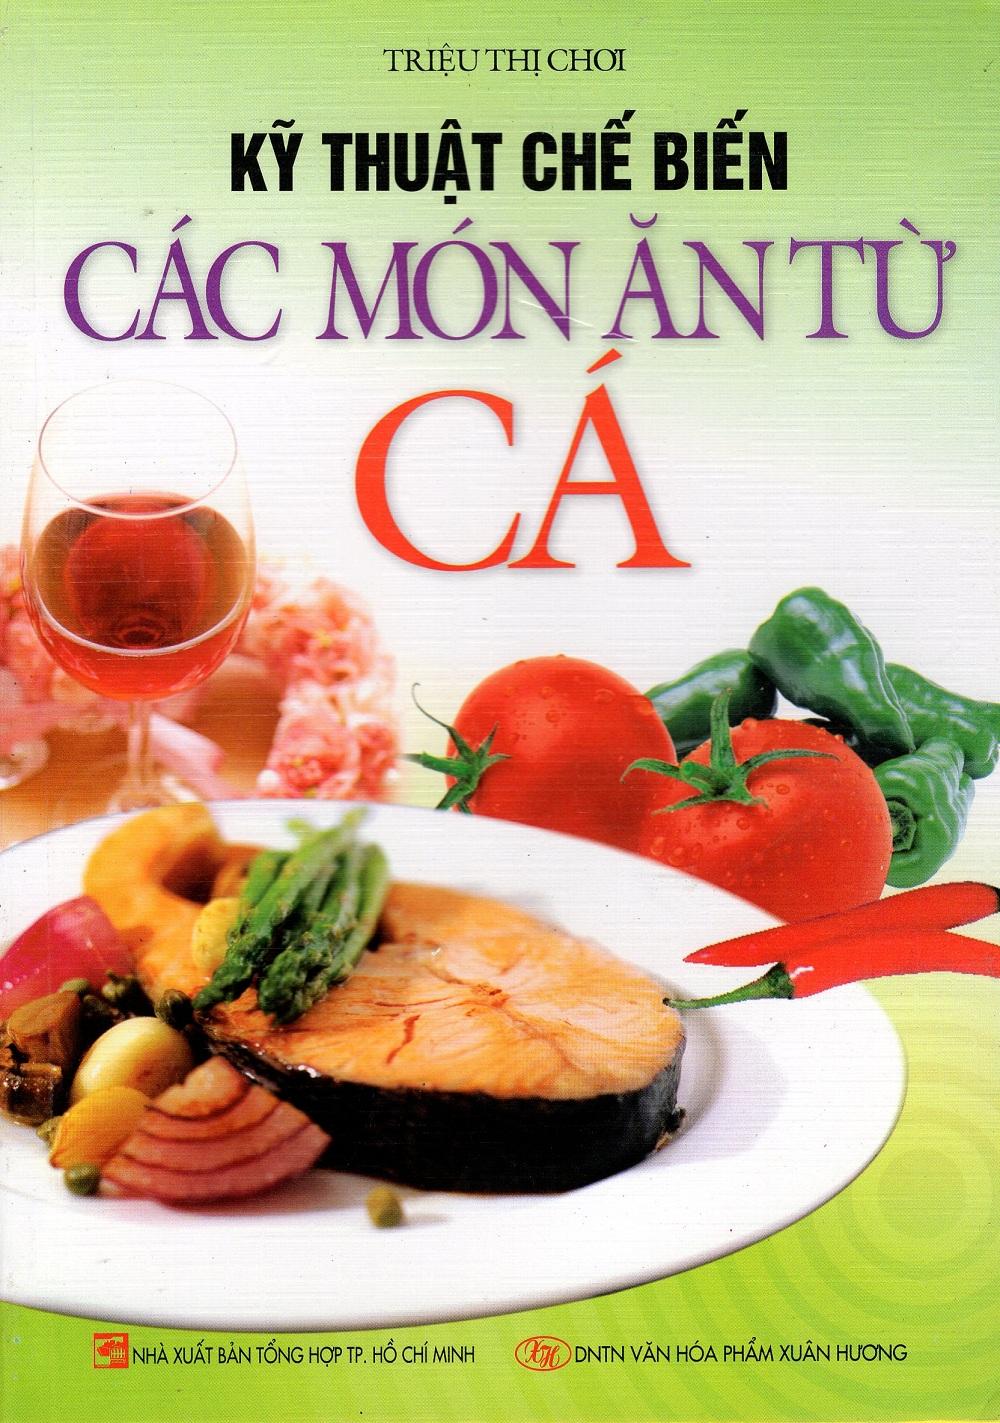 Kỹ Thuật Chế Biến Các Món Ăn Từ Cá